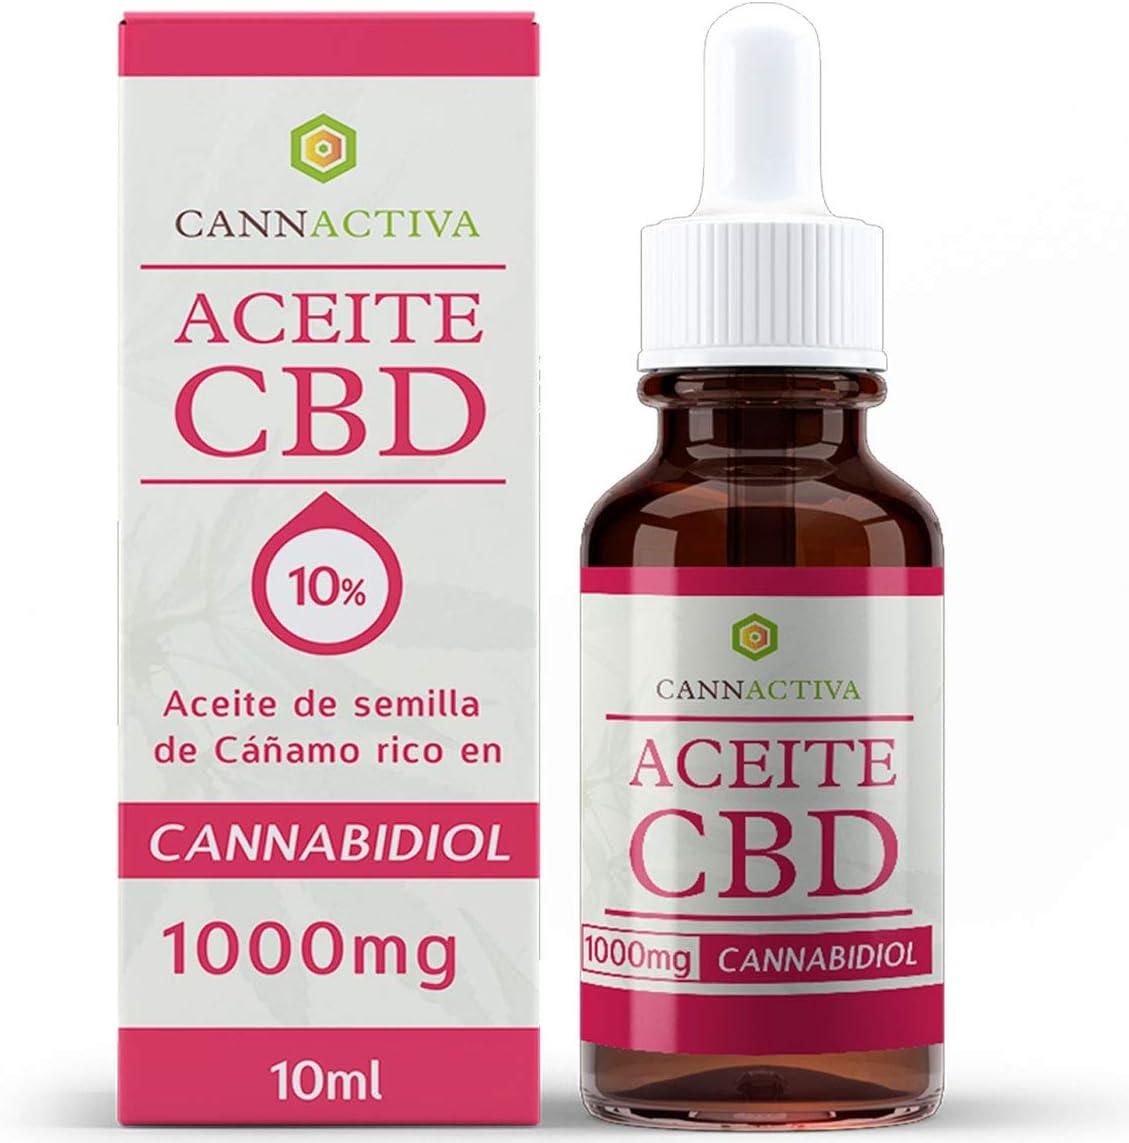 Cannactiva Aceite de CBD - 10% - 1000mg CBD - Aceite de cáñamo rico en CBD - 10ml